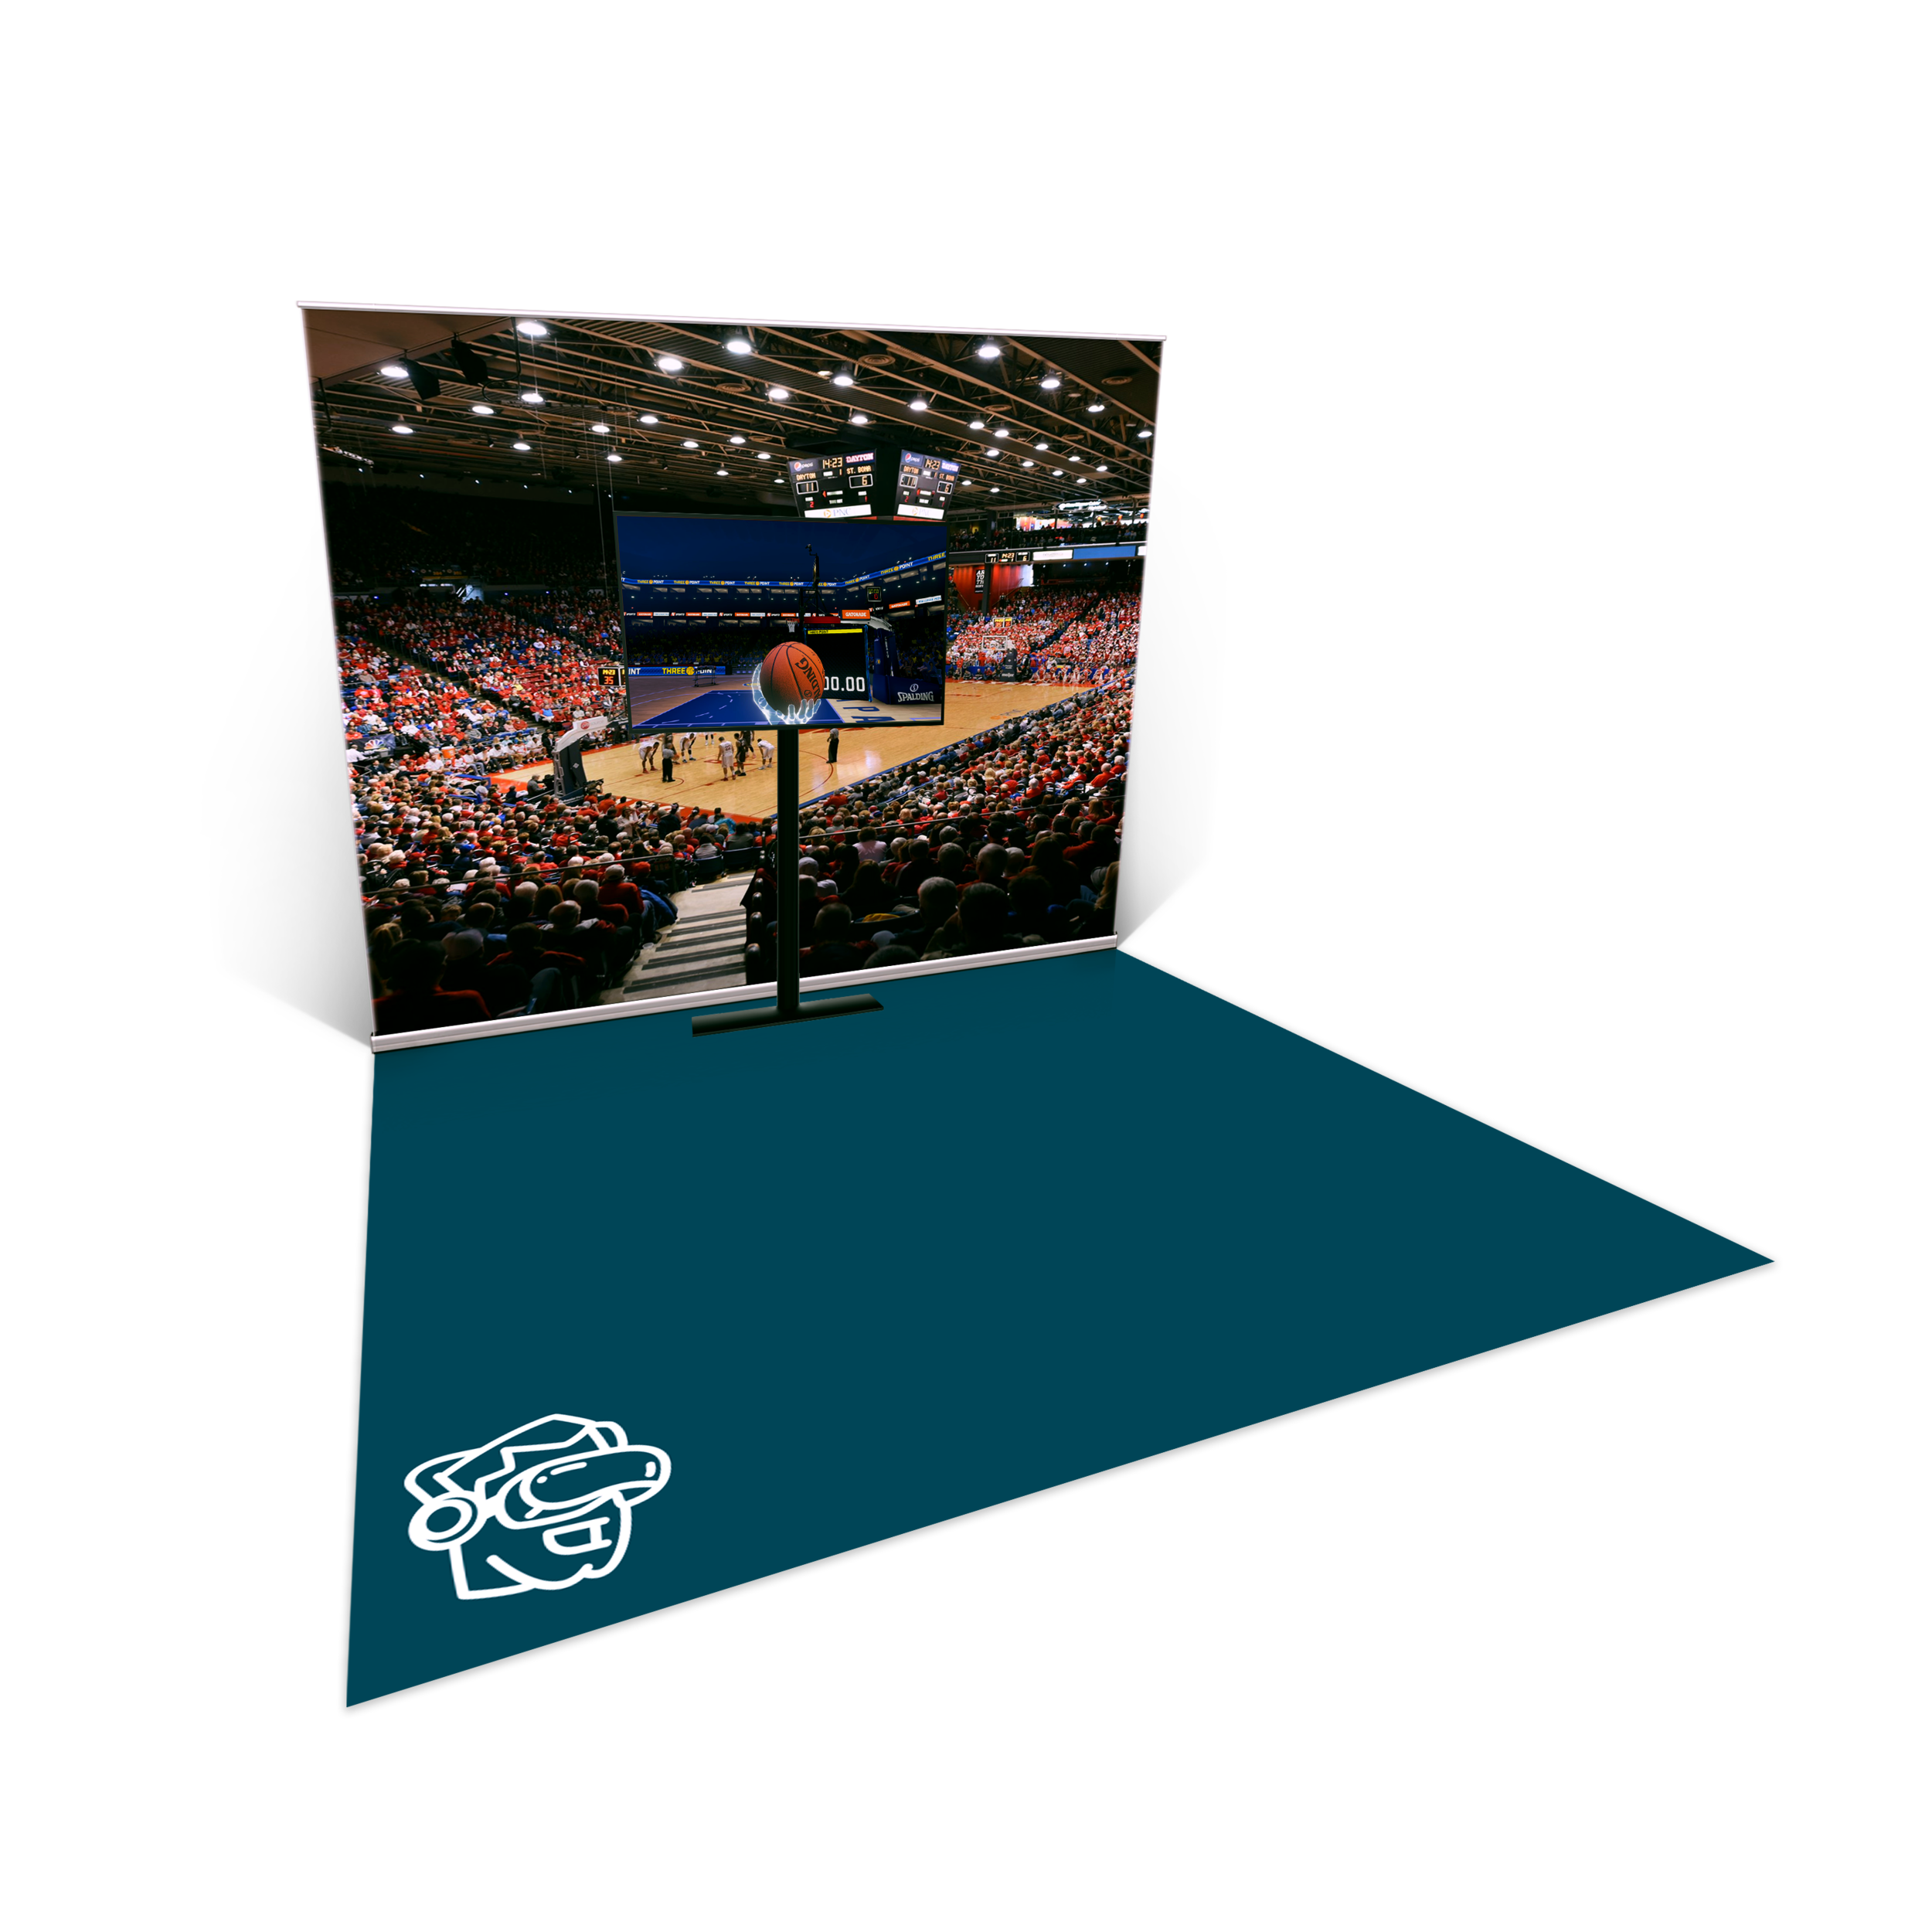 Setup_Mockup_-_VR_Basketball.png